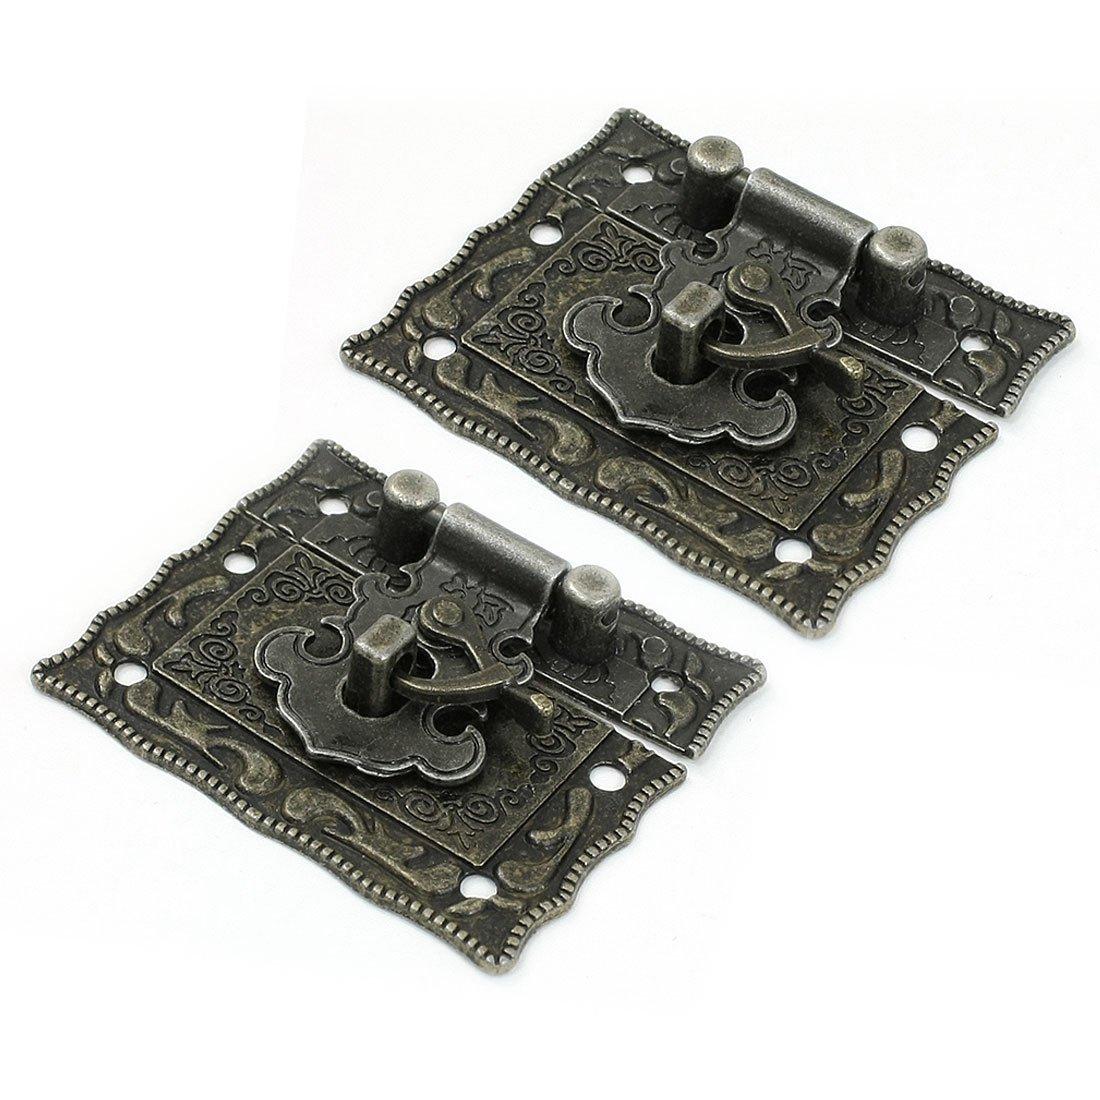 chiavistello antico - TOOGOO(R) 2 pezzi di stile antico Hardware tono del bronzo metallo rettangolo antico chiavistello 42 millimetri x 51 millimetri SHOMAM10155